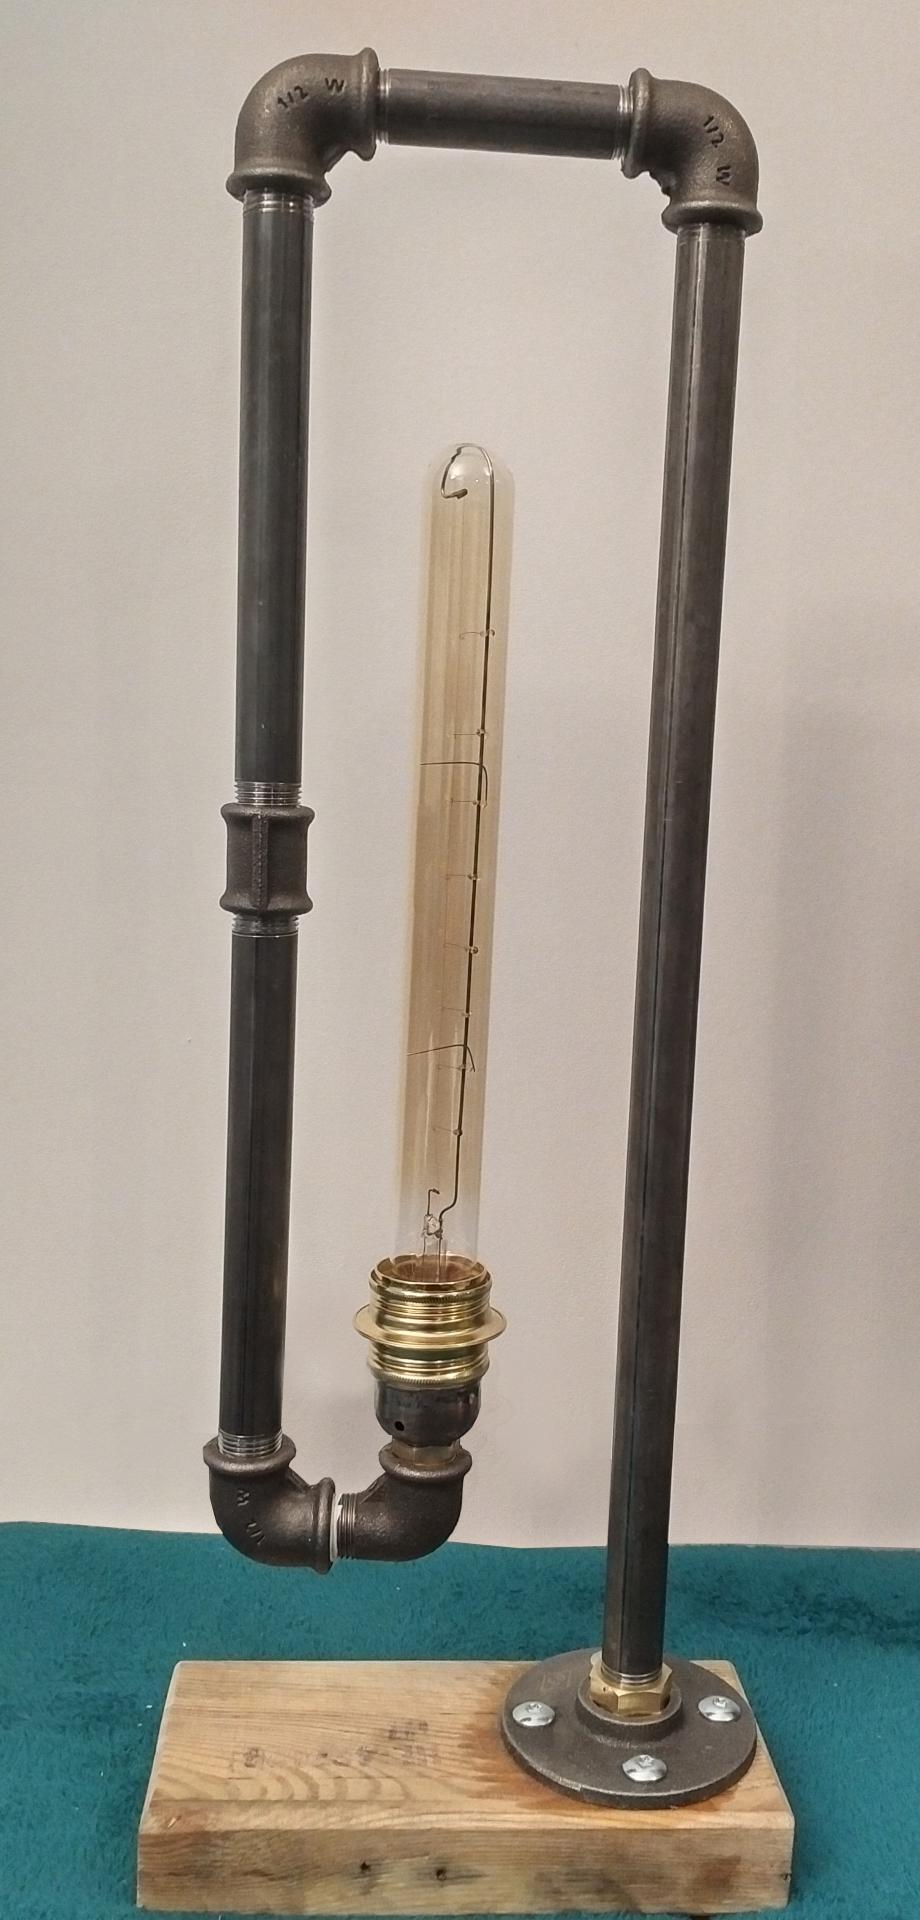 Lampe plomberie1.jpg